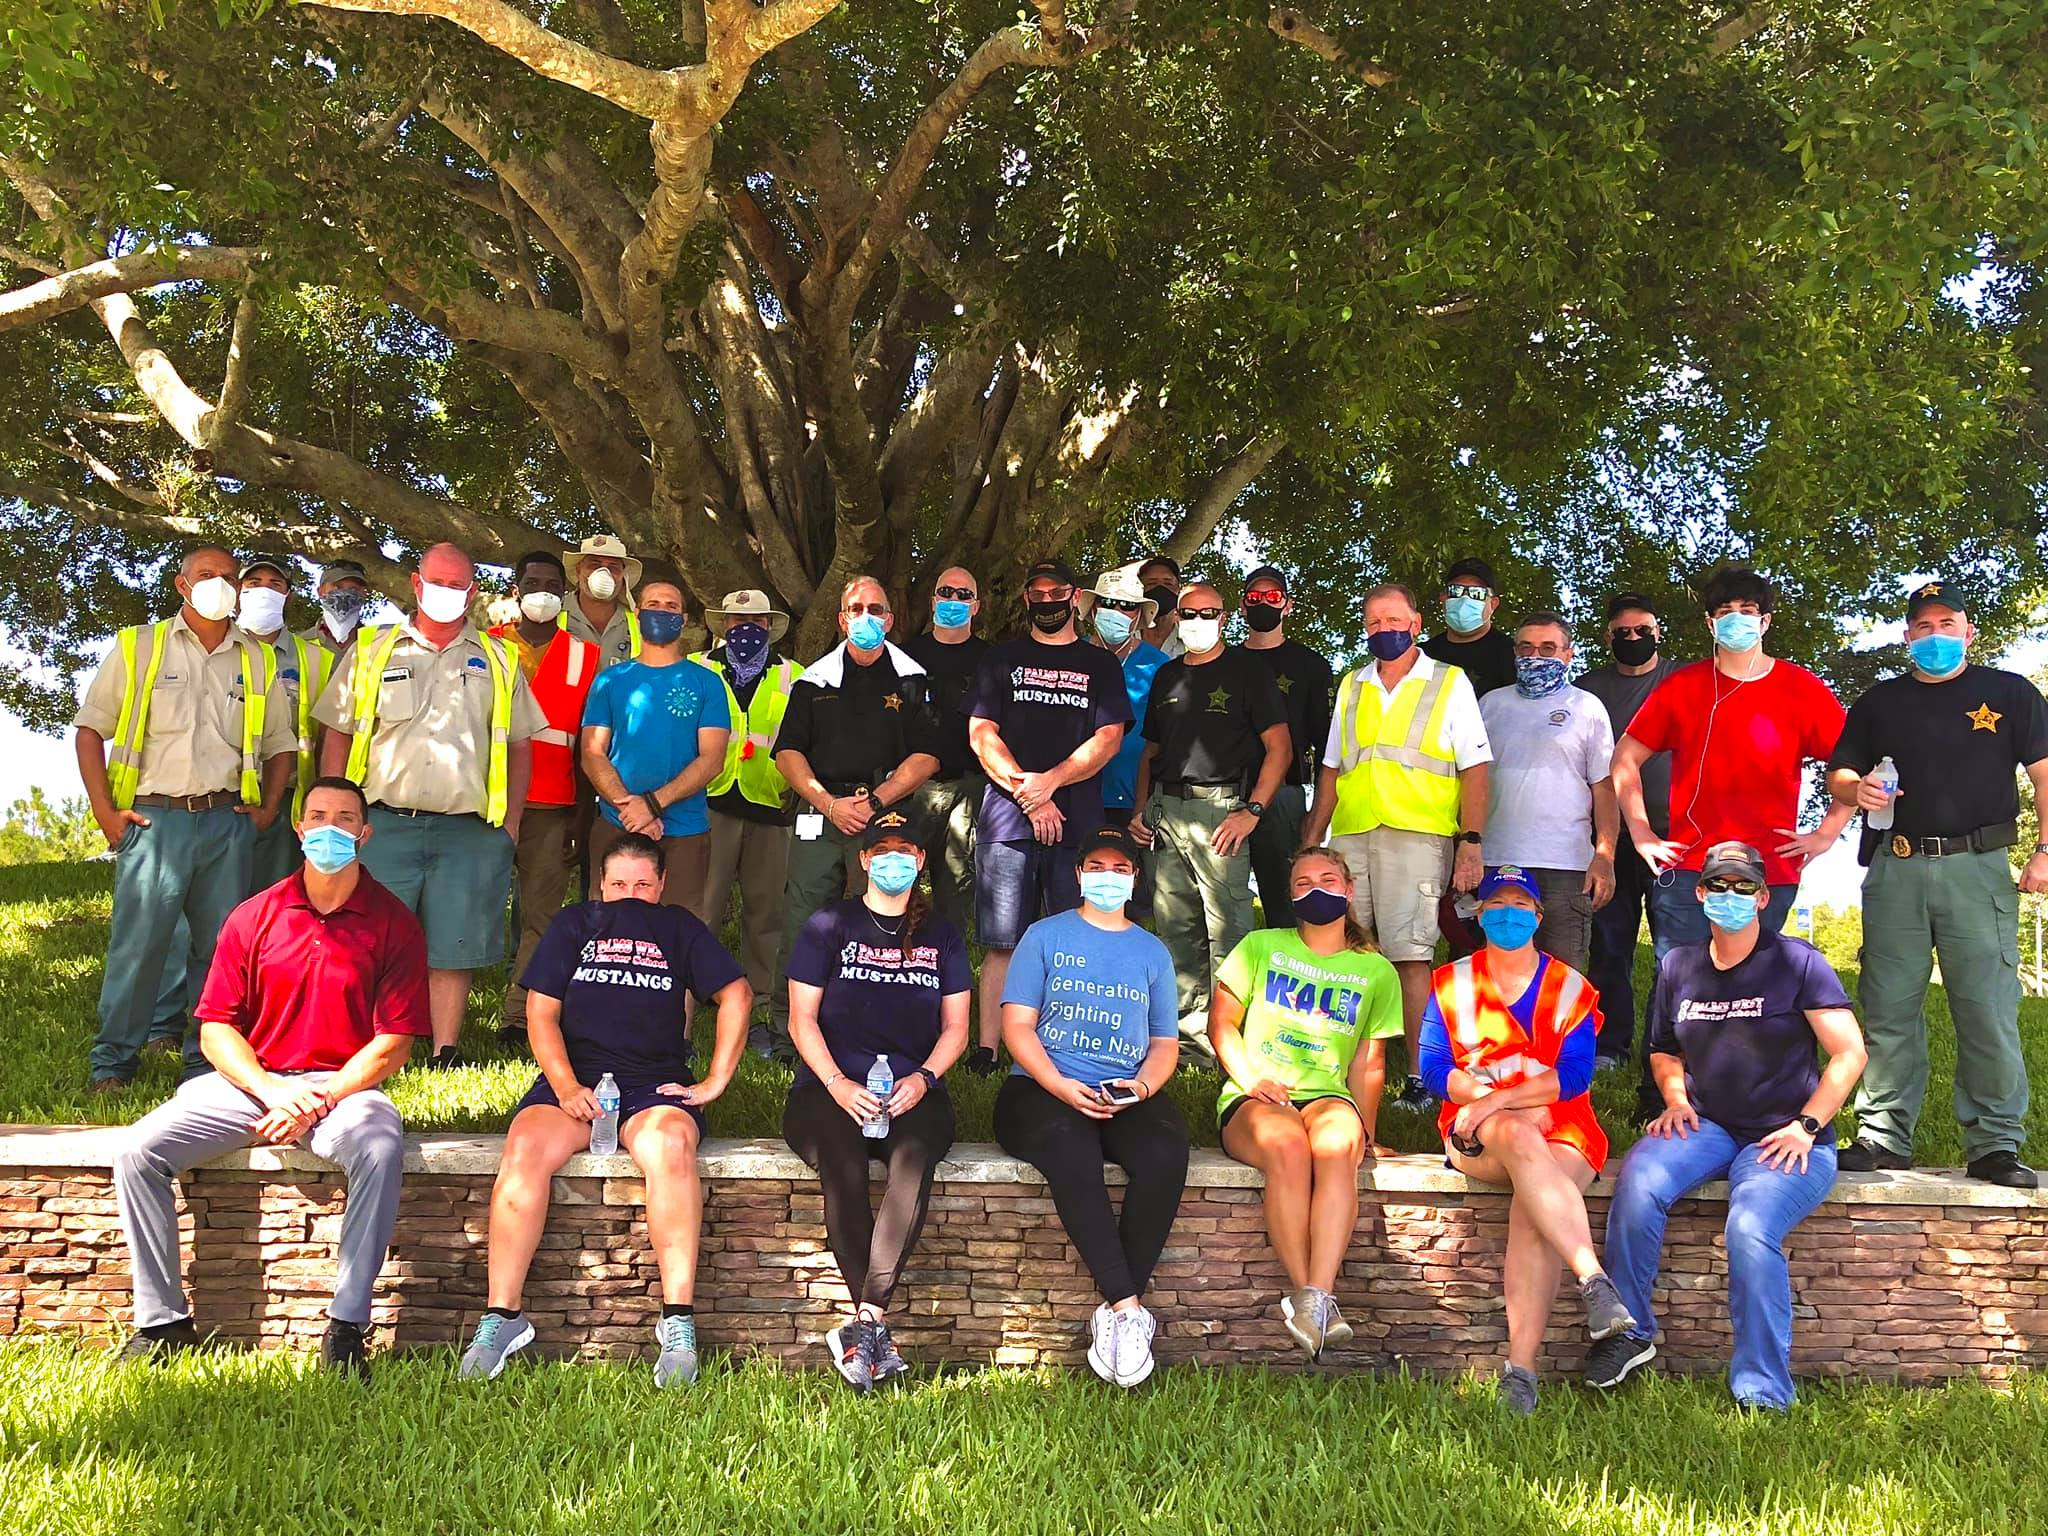 Volunteers with veterans' organization improve Delray Beach children's garden